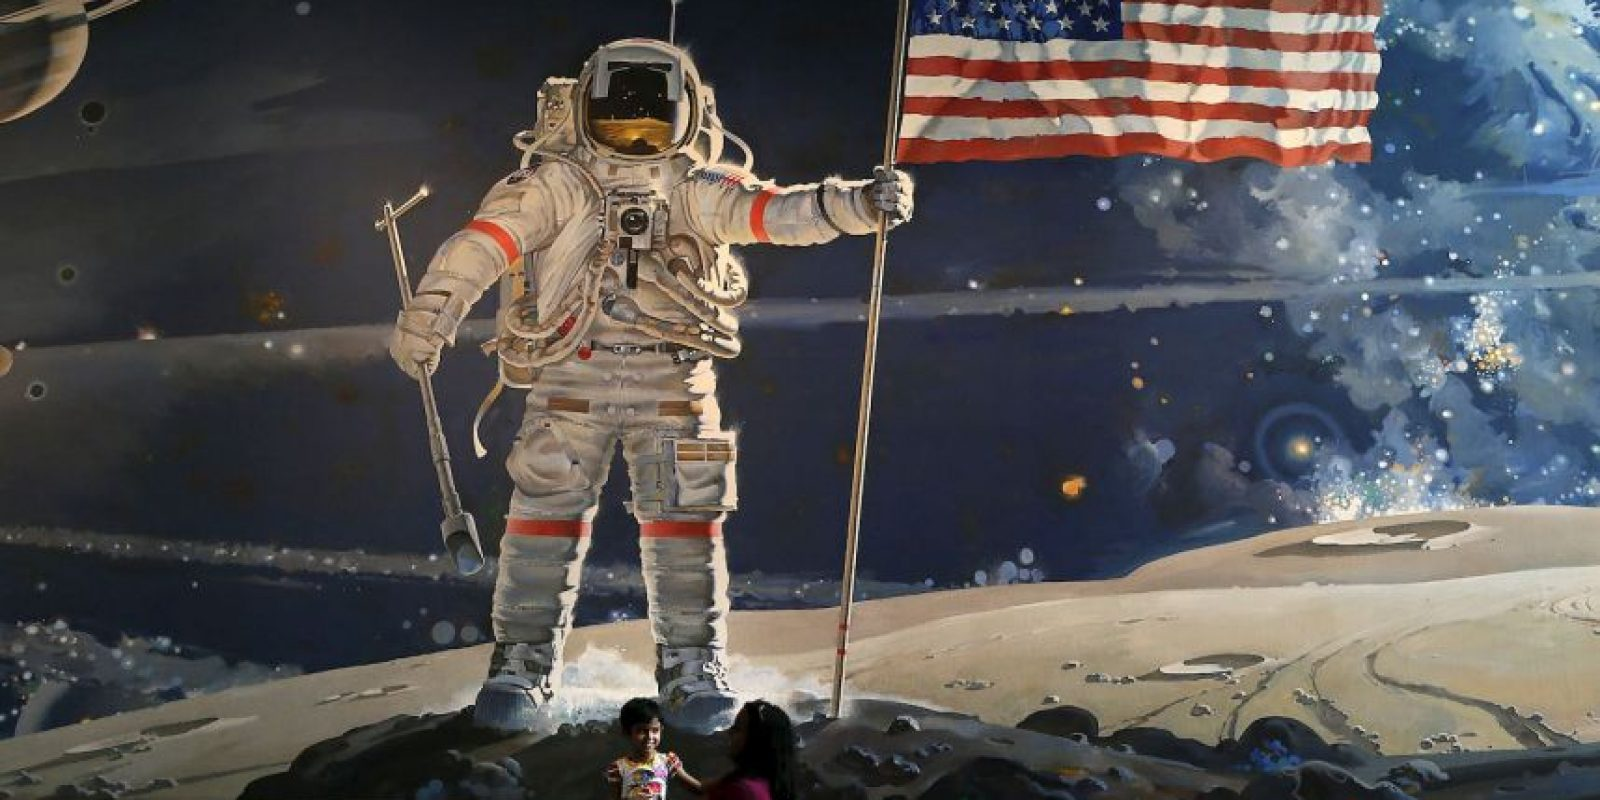 El comandante Neil Armstrong fue el primer ser humano que pisó la superficie de nuestro satélite, el 21 de julio de 1969. Foto:Getty Images